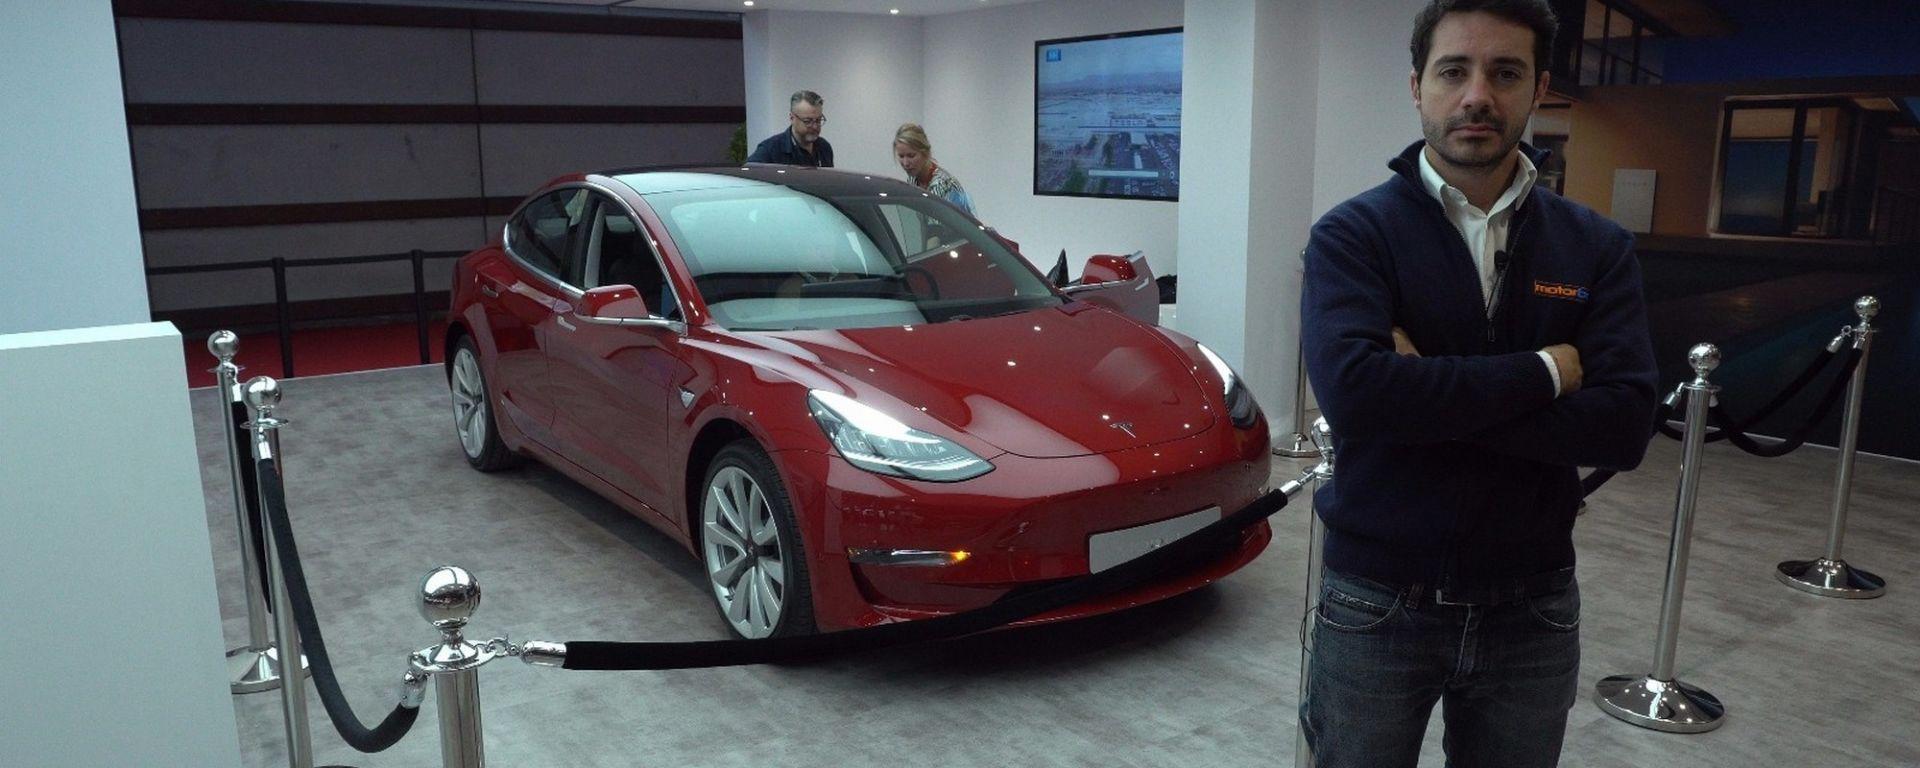 Tesla Model 3, eccola a Parigi 2018